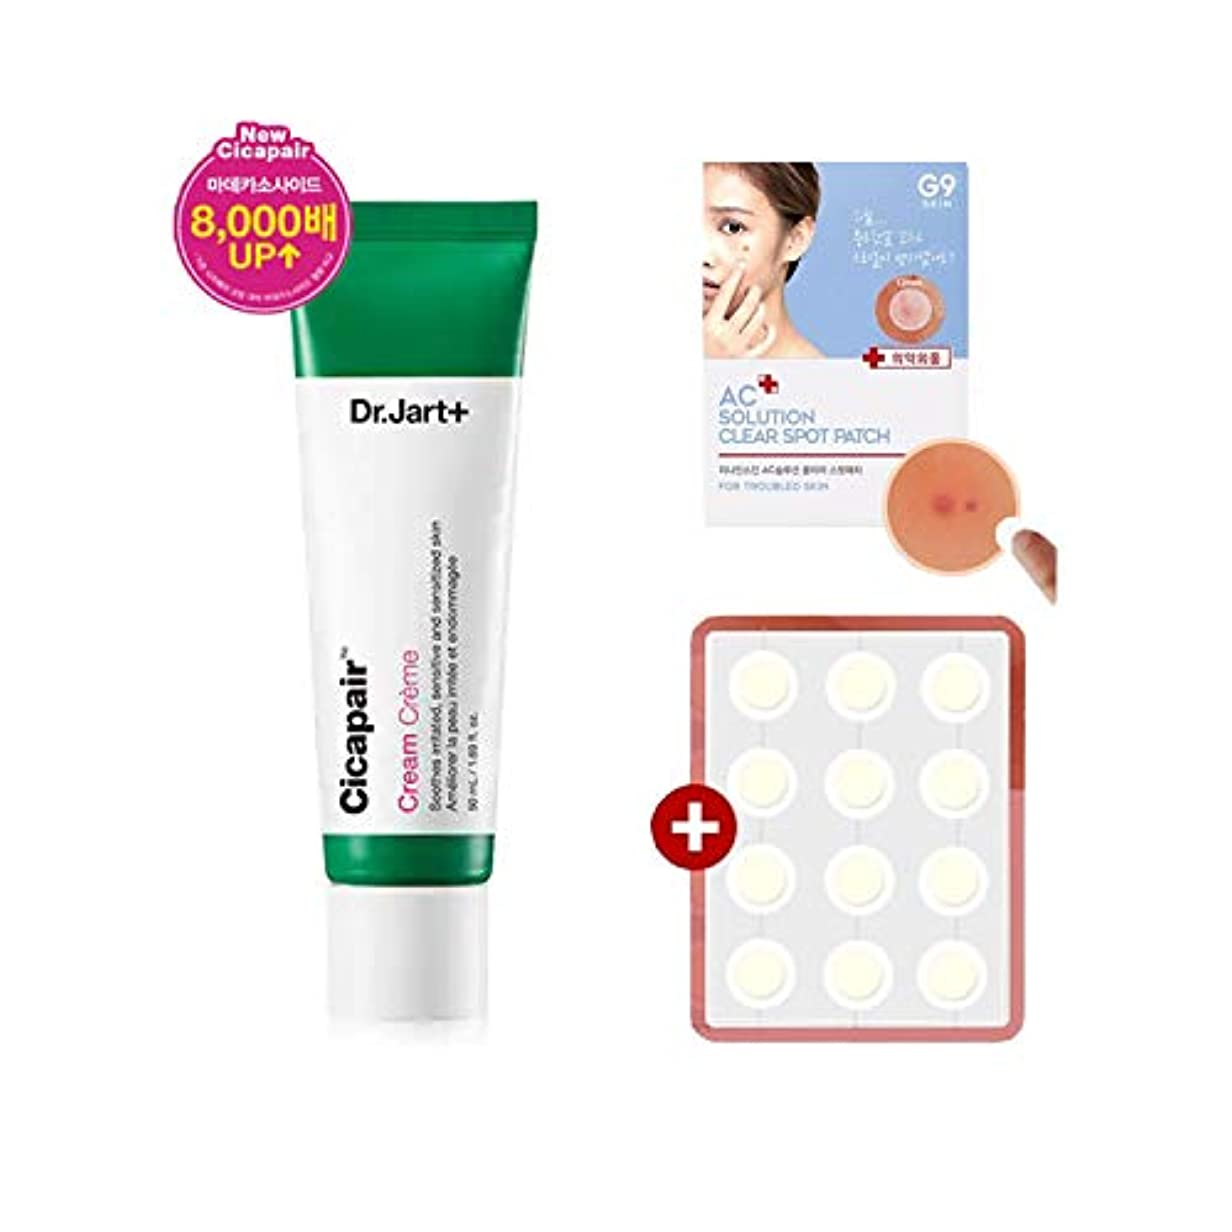 ライオン戻すモード[リニューアル] Dr.Jart Cicapair Cream クリーム50ml(2代目)+ G9SKIN ACソリューションクリアパッチ 12枚 [並行輸入品]